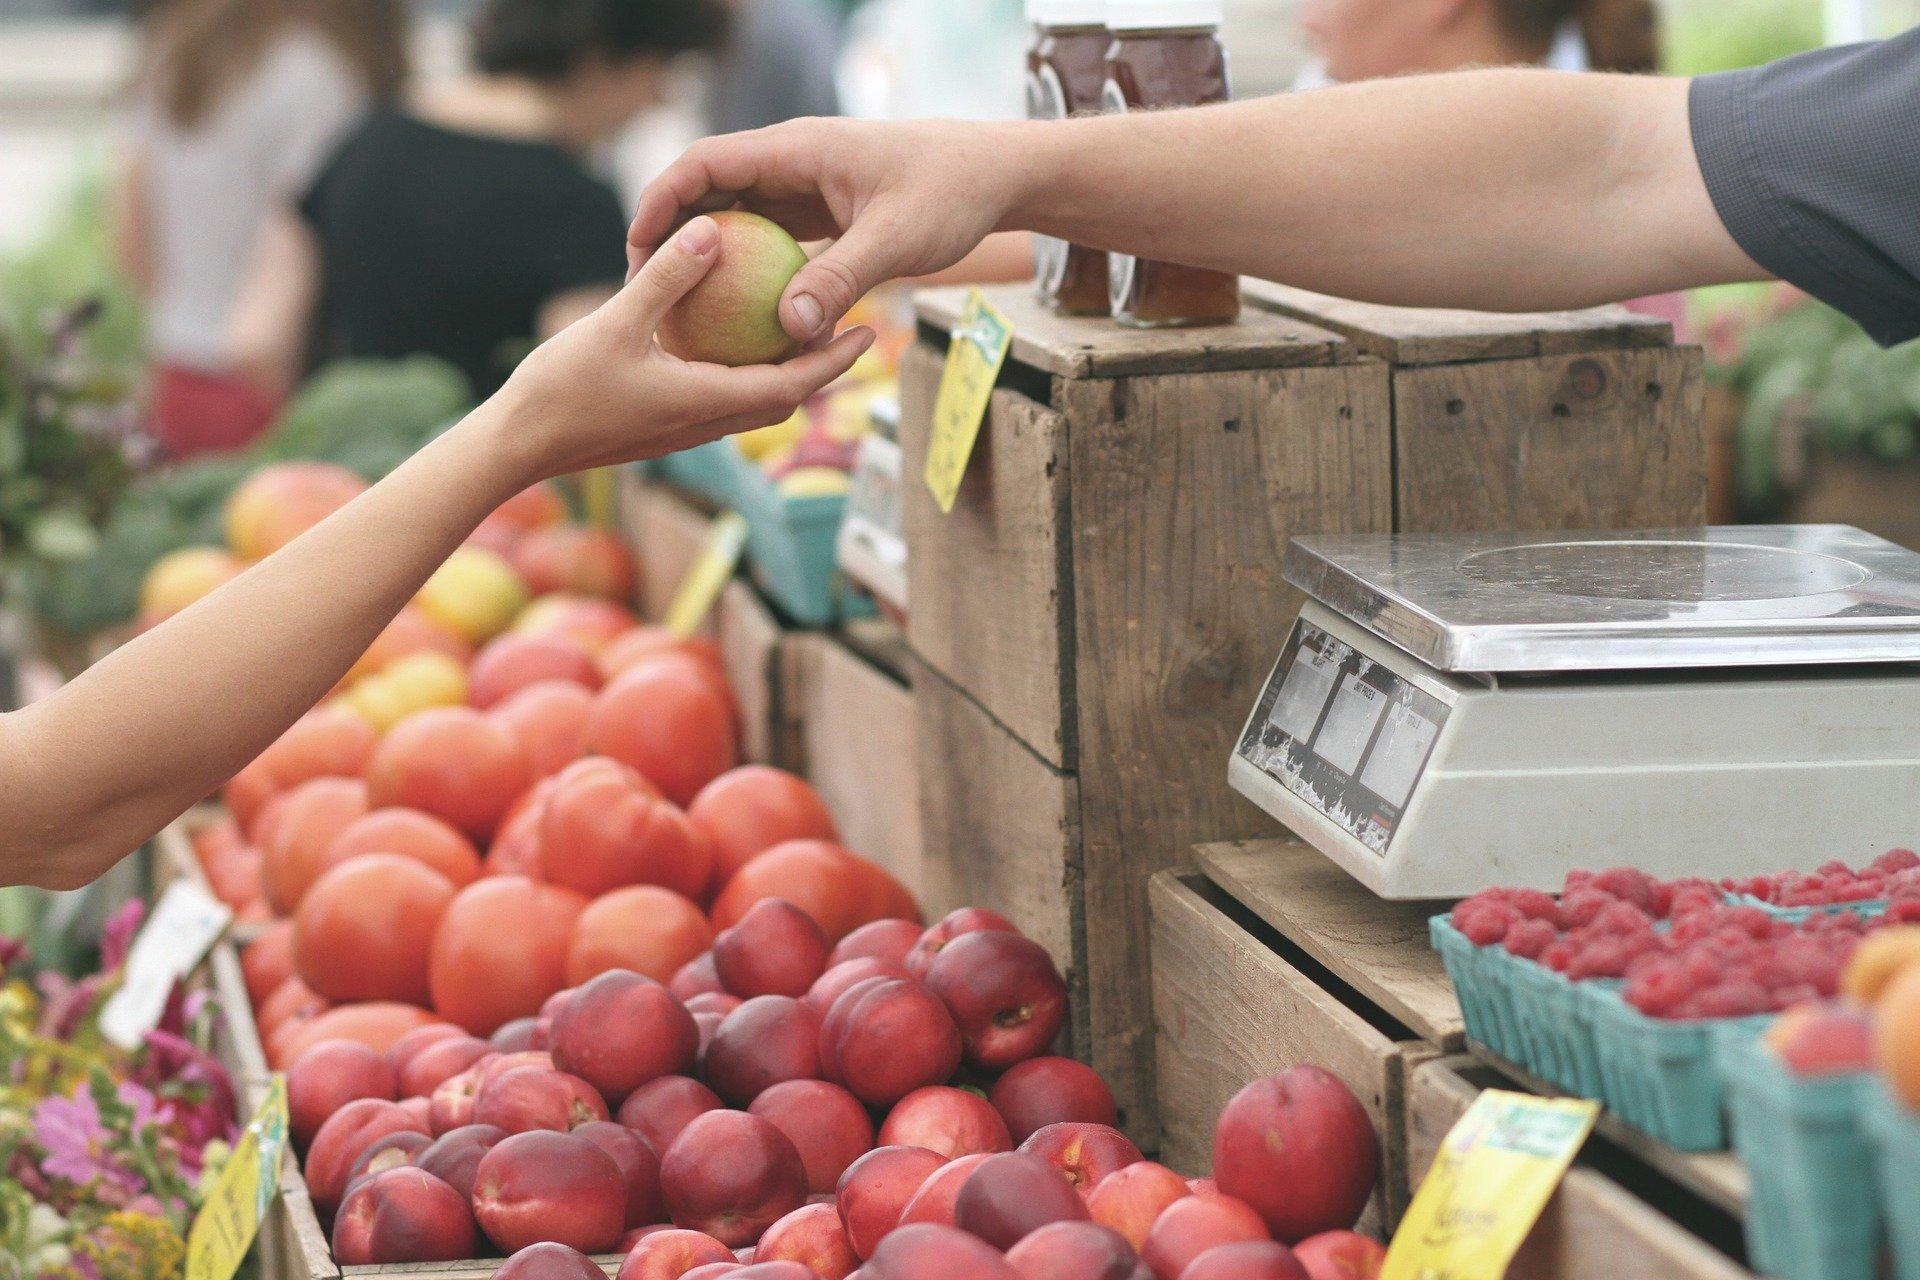 Confianza del consumidor aumenta 1.6 puntos en marzo